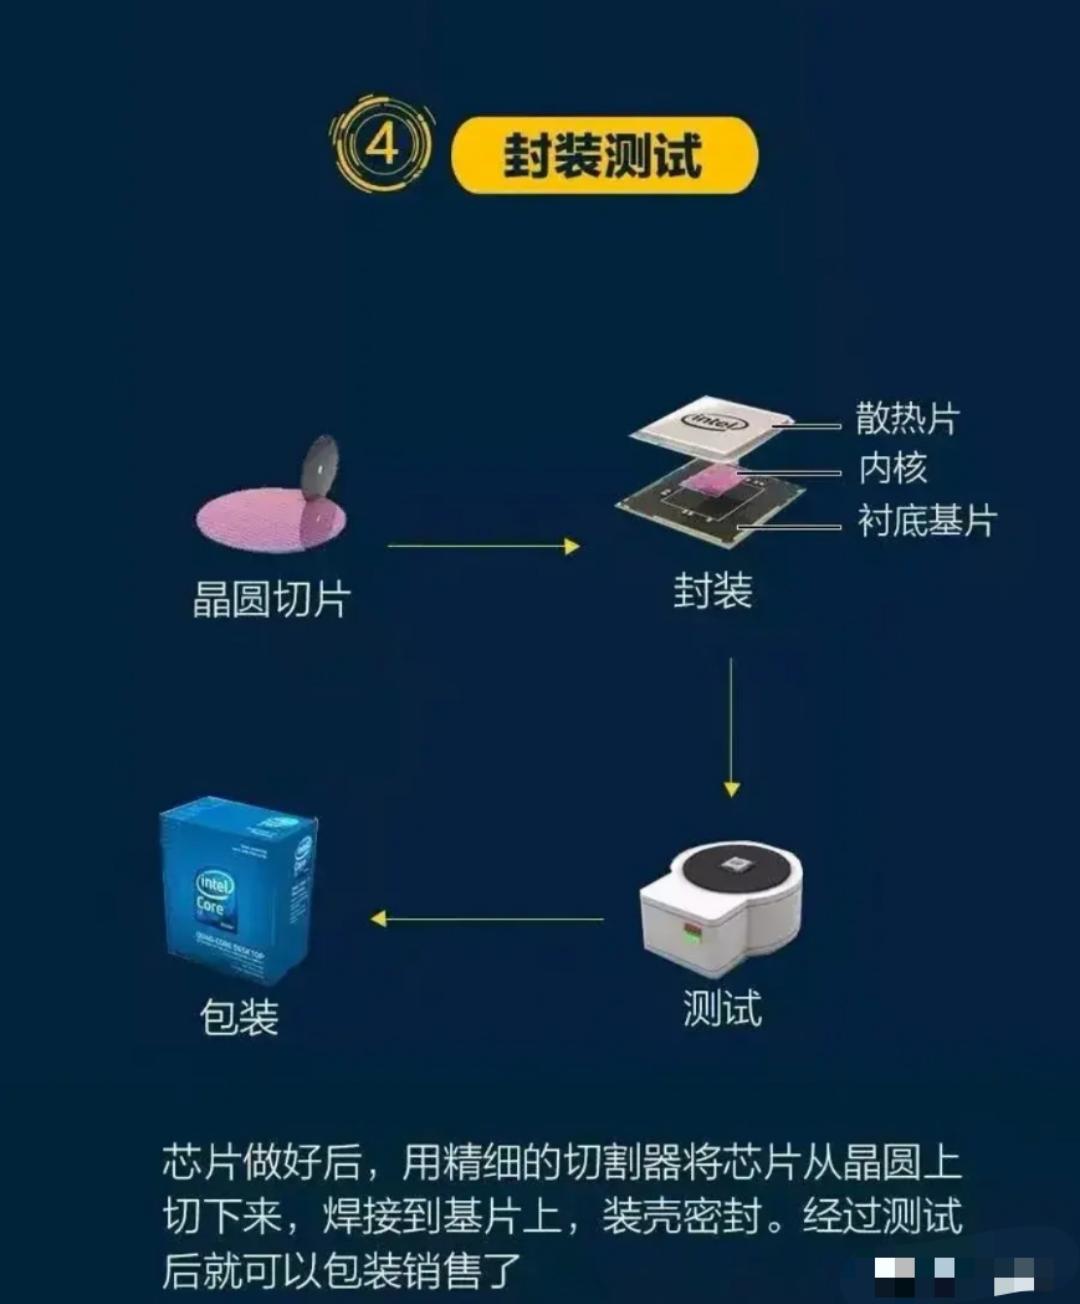 華天科技:已具備基於5nm芯片的封測能力!-圖4